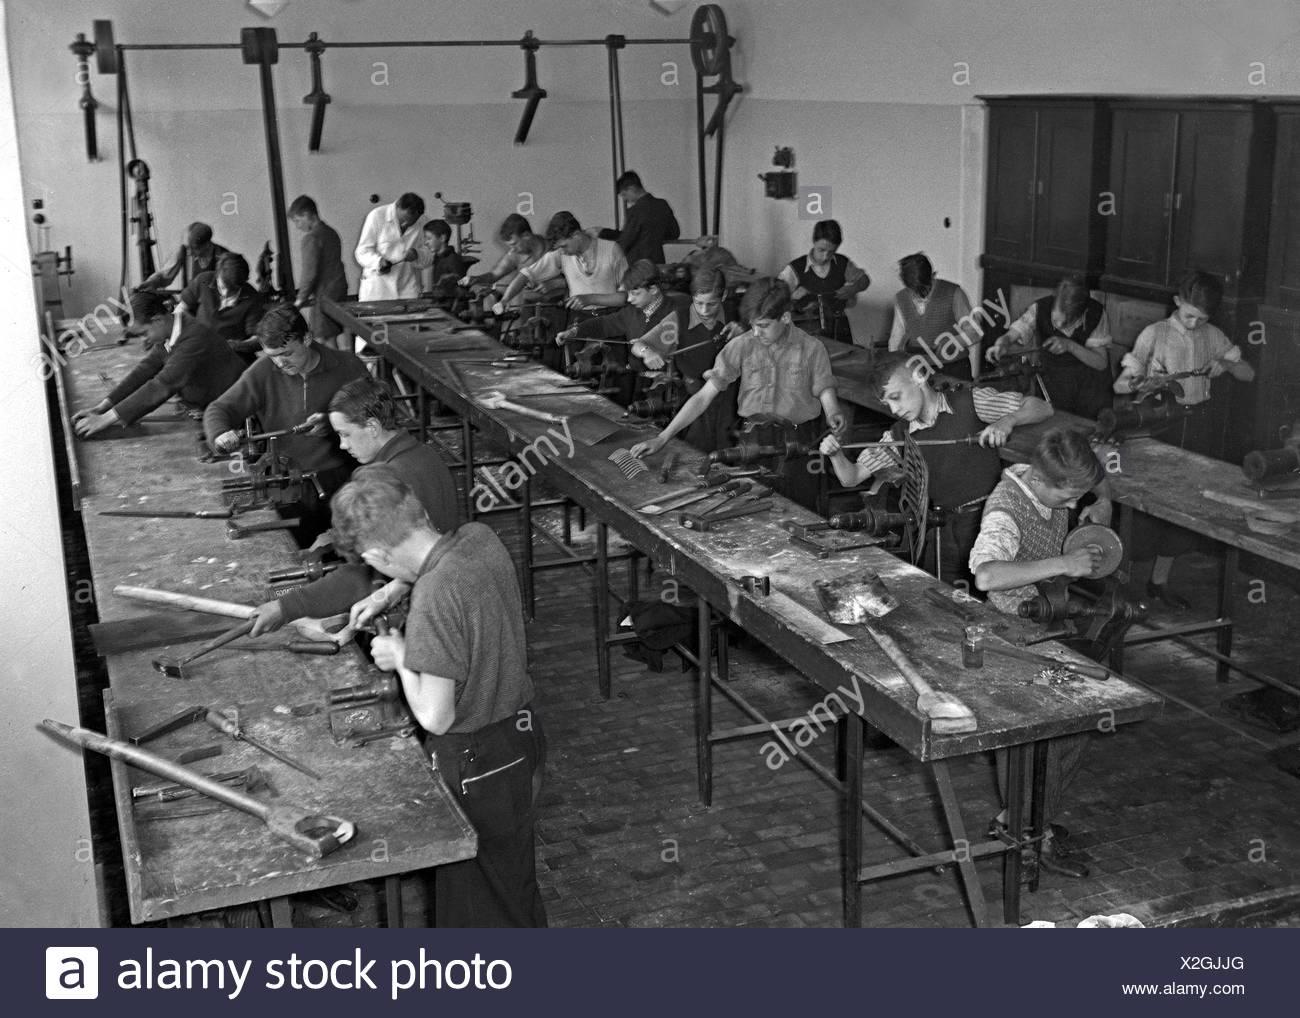 Eine Berufsschulklasse Beim Praktischen Unterricht, 1930er Jahre Deutschland. Eine Klasse einer Berufsschule Ausübung, Deutschland der 1930er Jahre. Stockbild